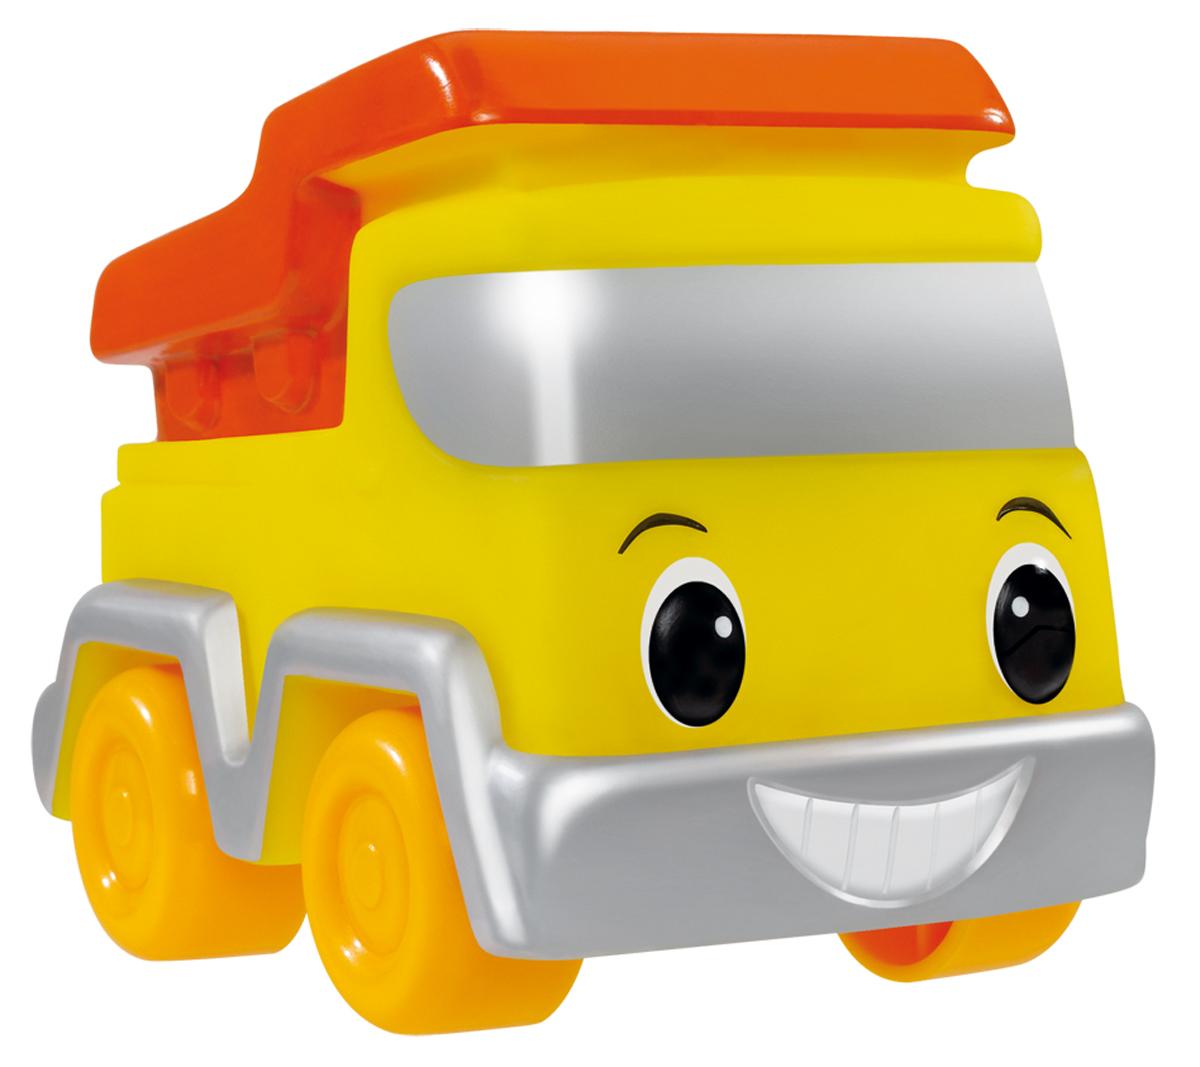 Simba Машинка цвет желтый оранжевый simba машинка игрушка лев